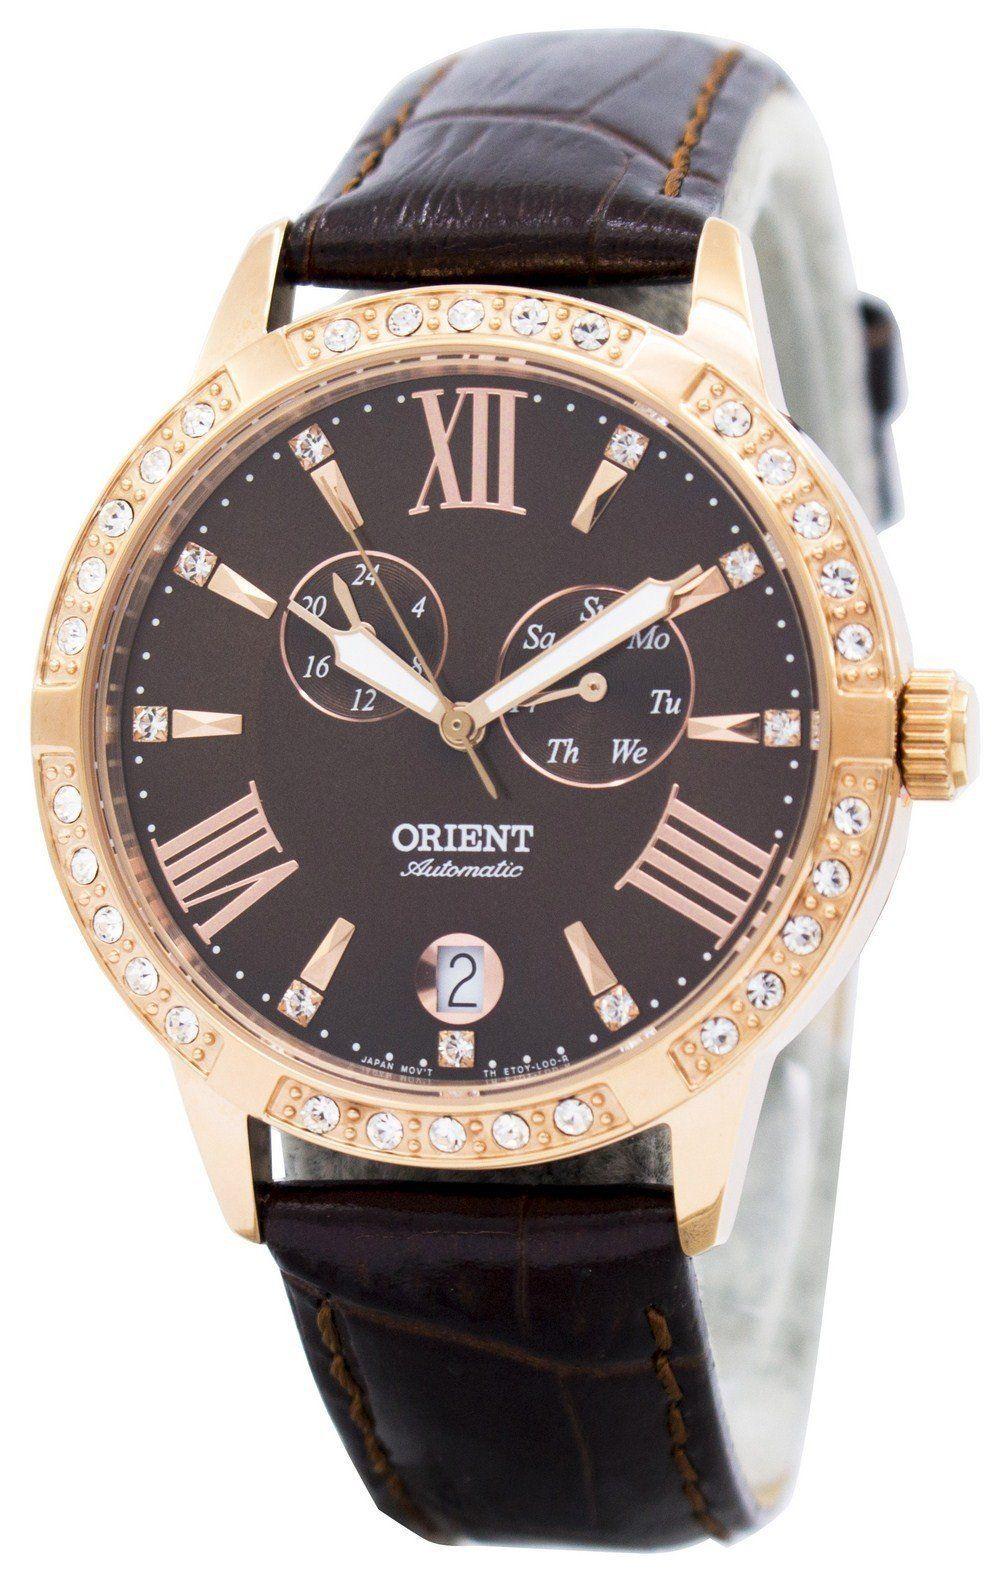 นาฬิกาผู้หญิง Orient รุ่น ET0Y001T, Fashionable Automatic